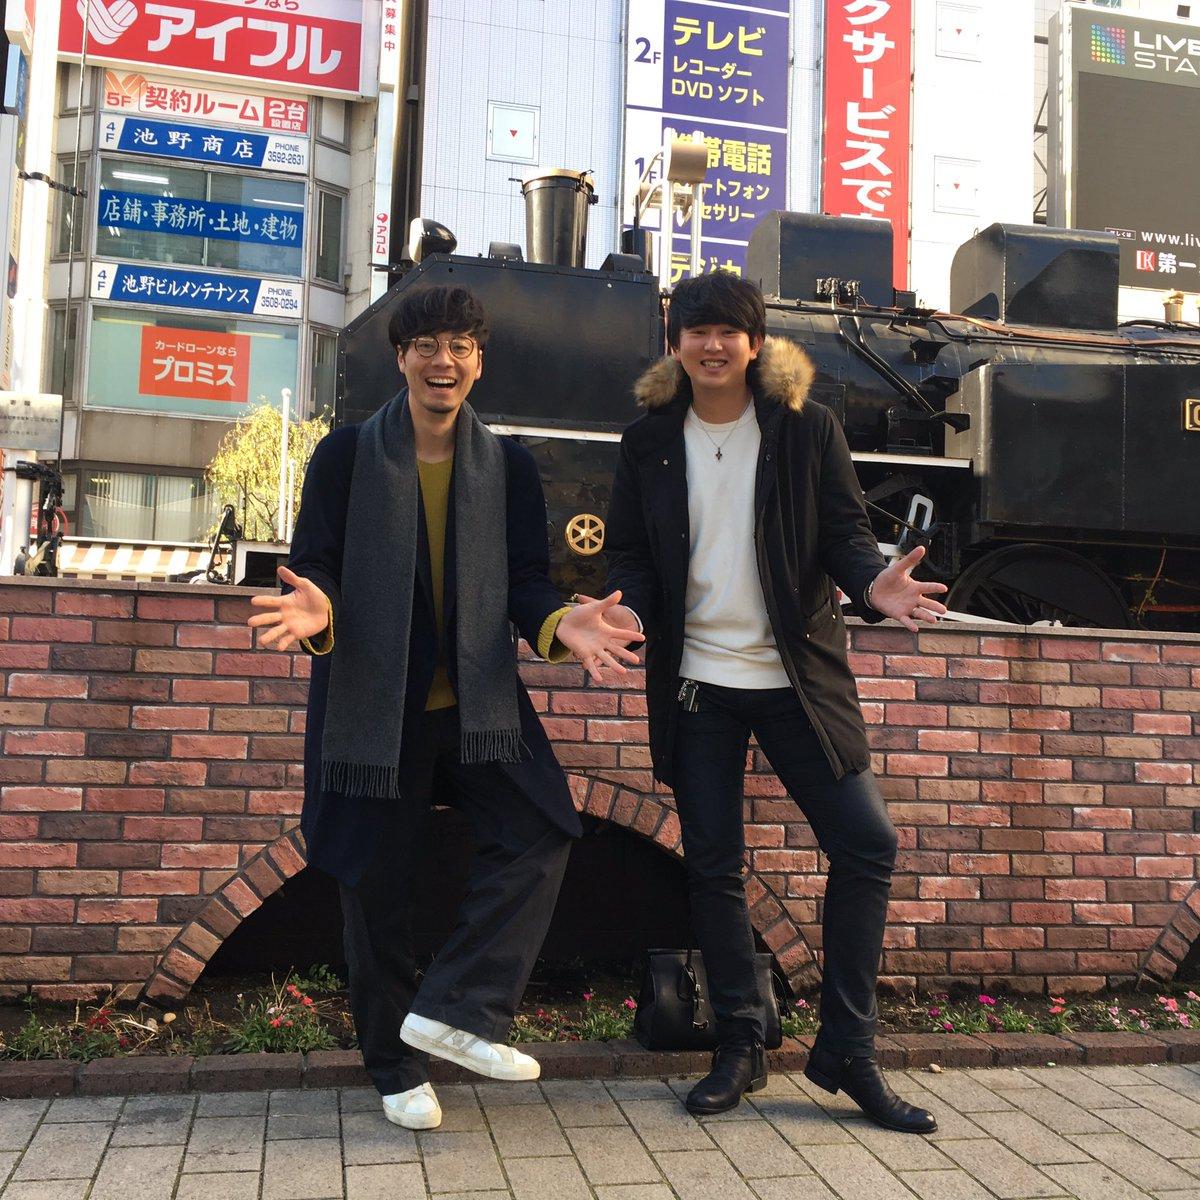 木村優太 hashtag on Twitter